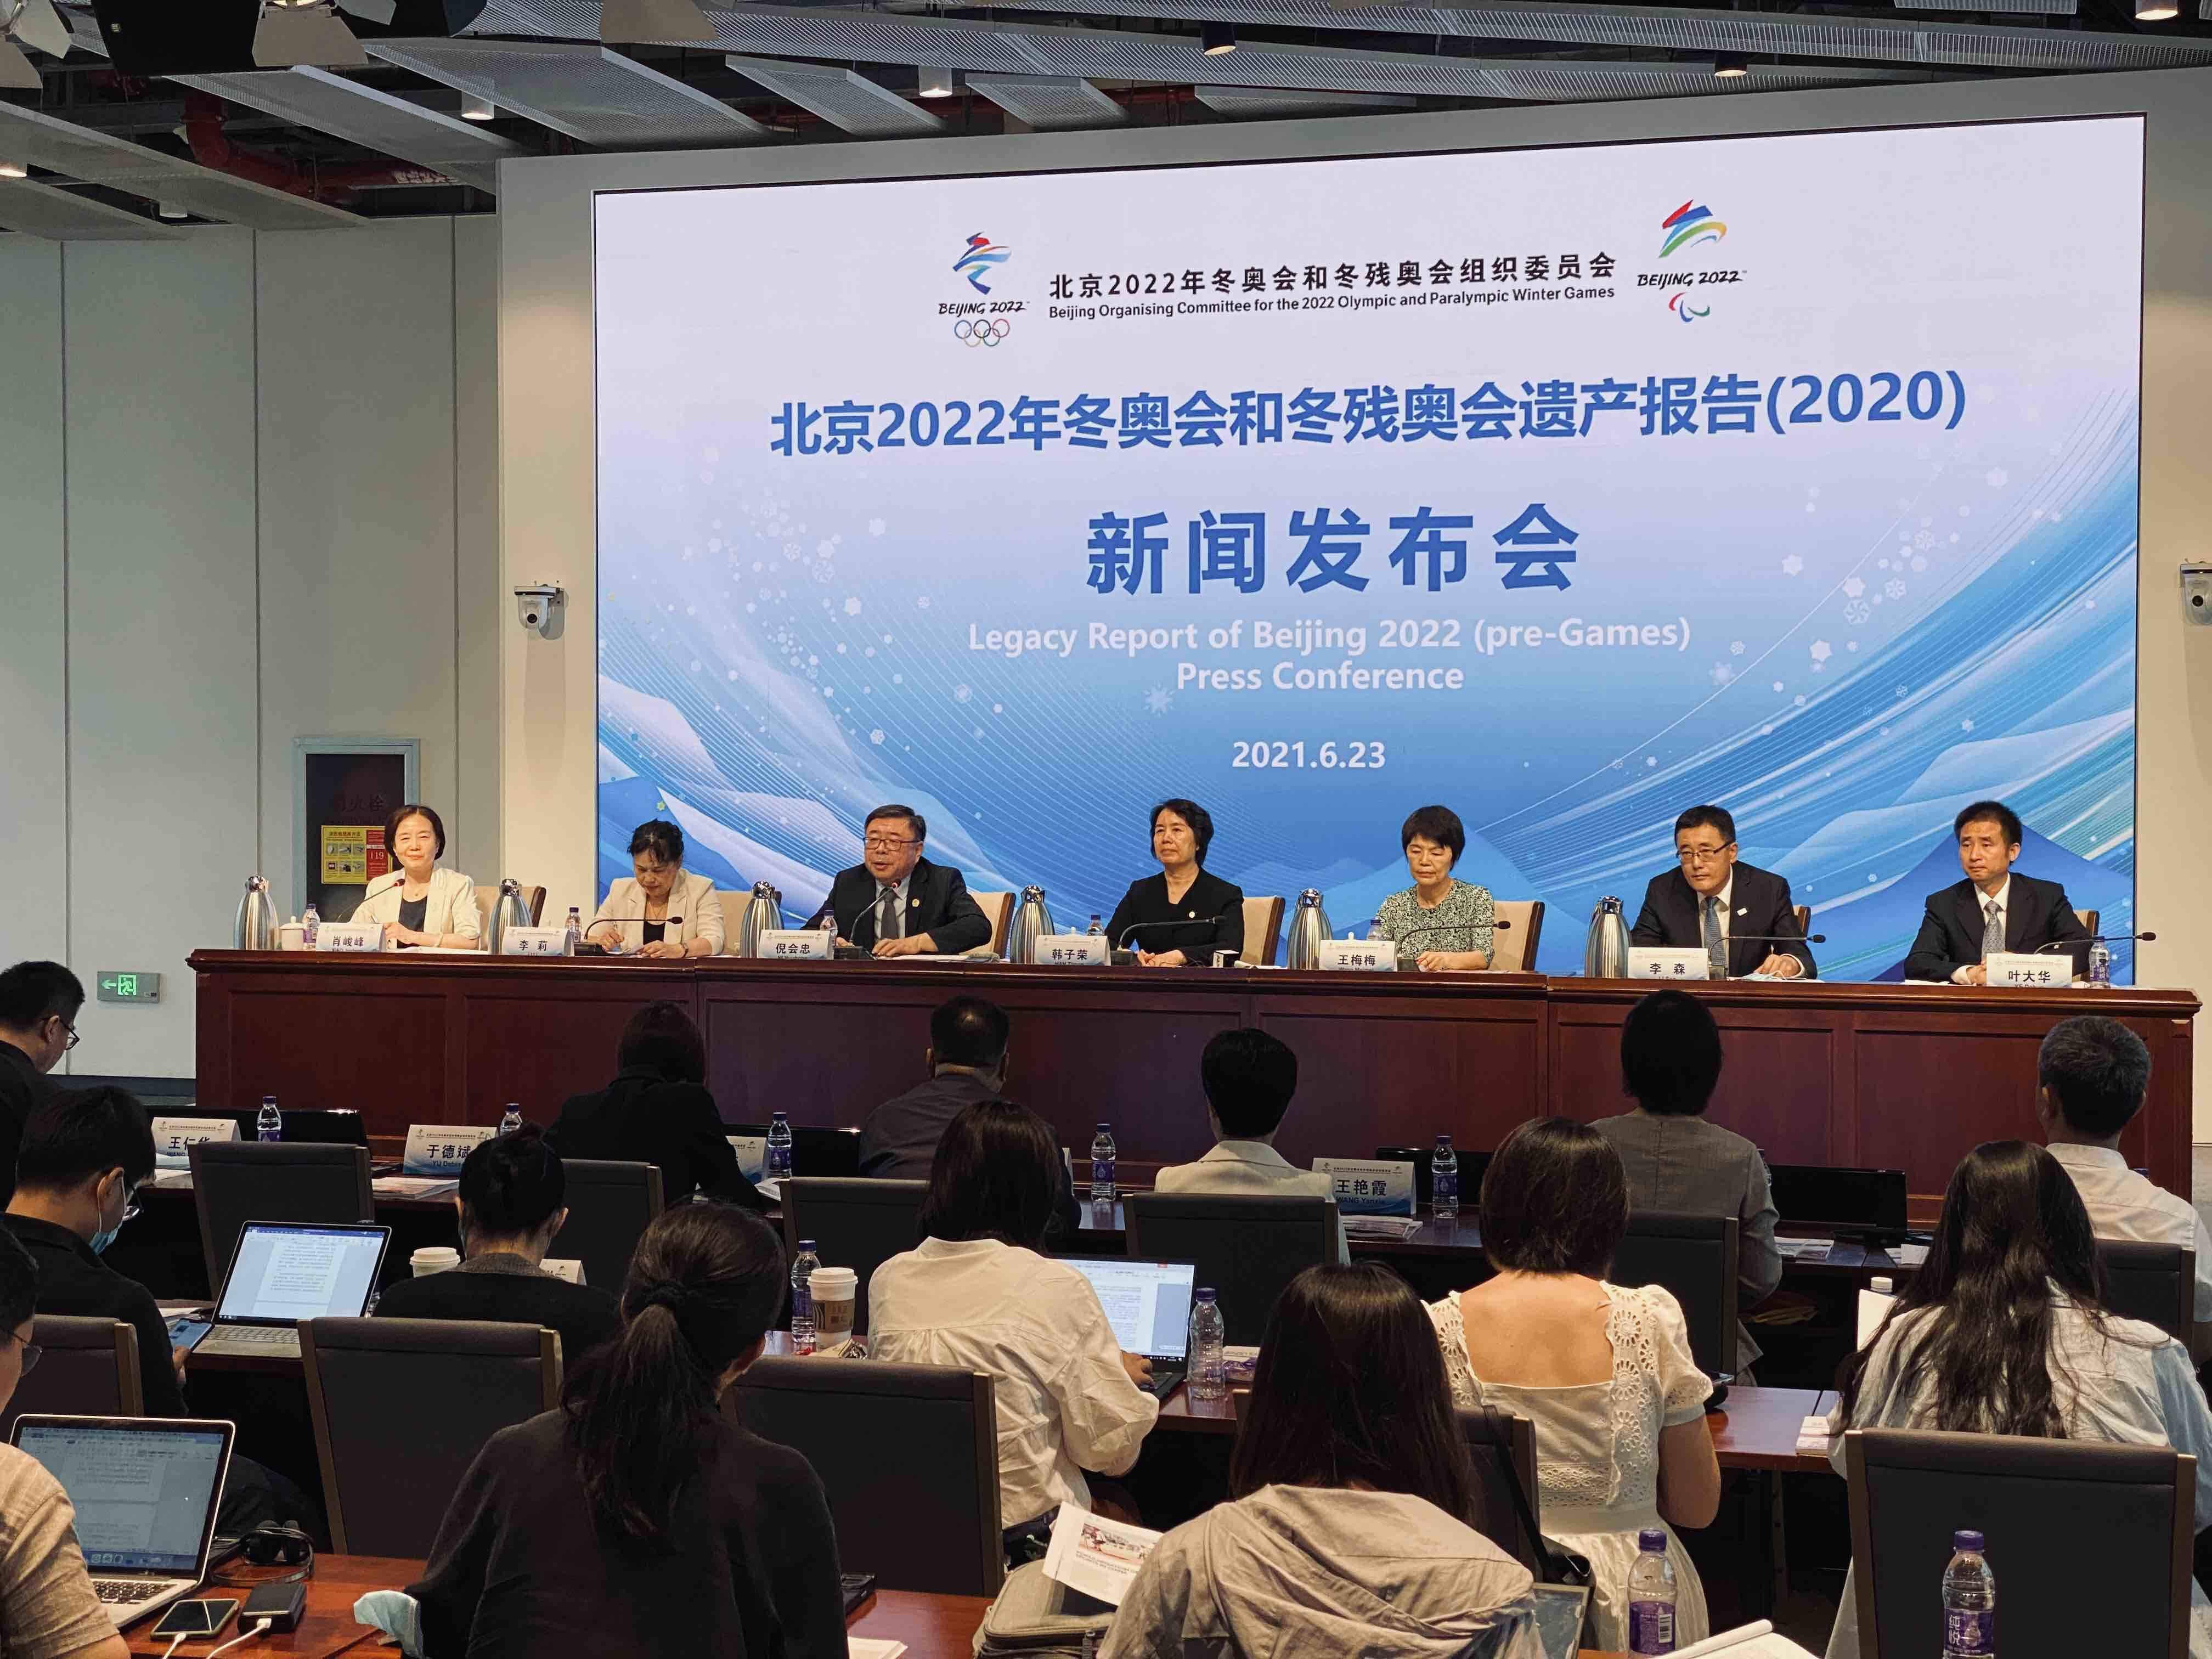 国际奥林匹克日 北京冬奥遗产报告向全球发布